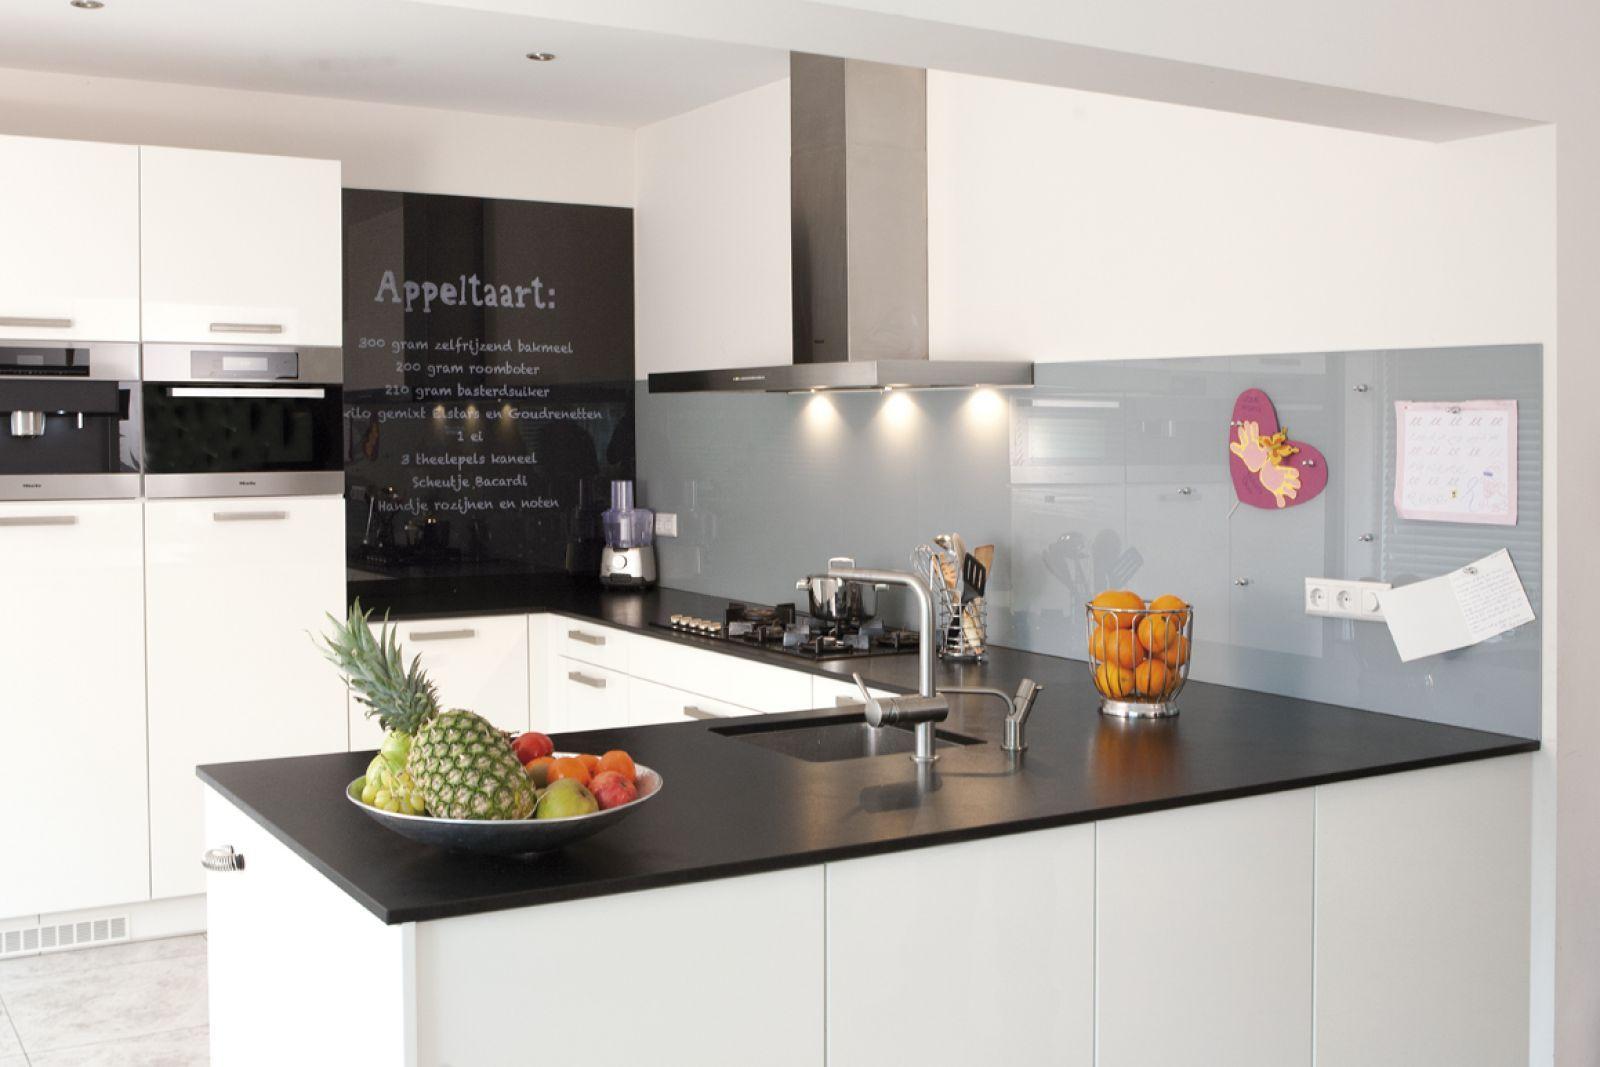 Een glazen keuken achterwand is een originele en duurzame manier om uw keuken een strakke en - Keuken originele keuken ...